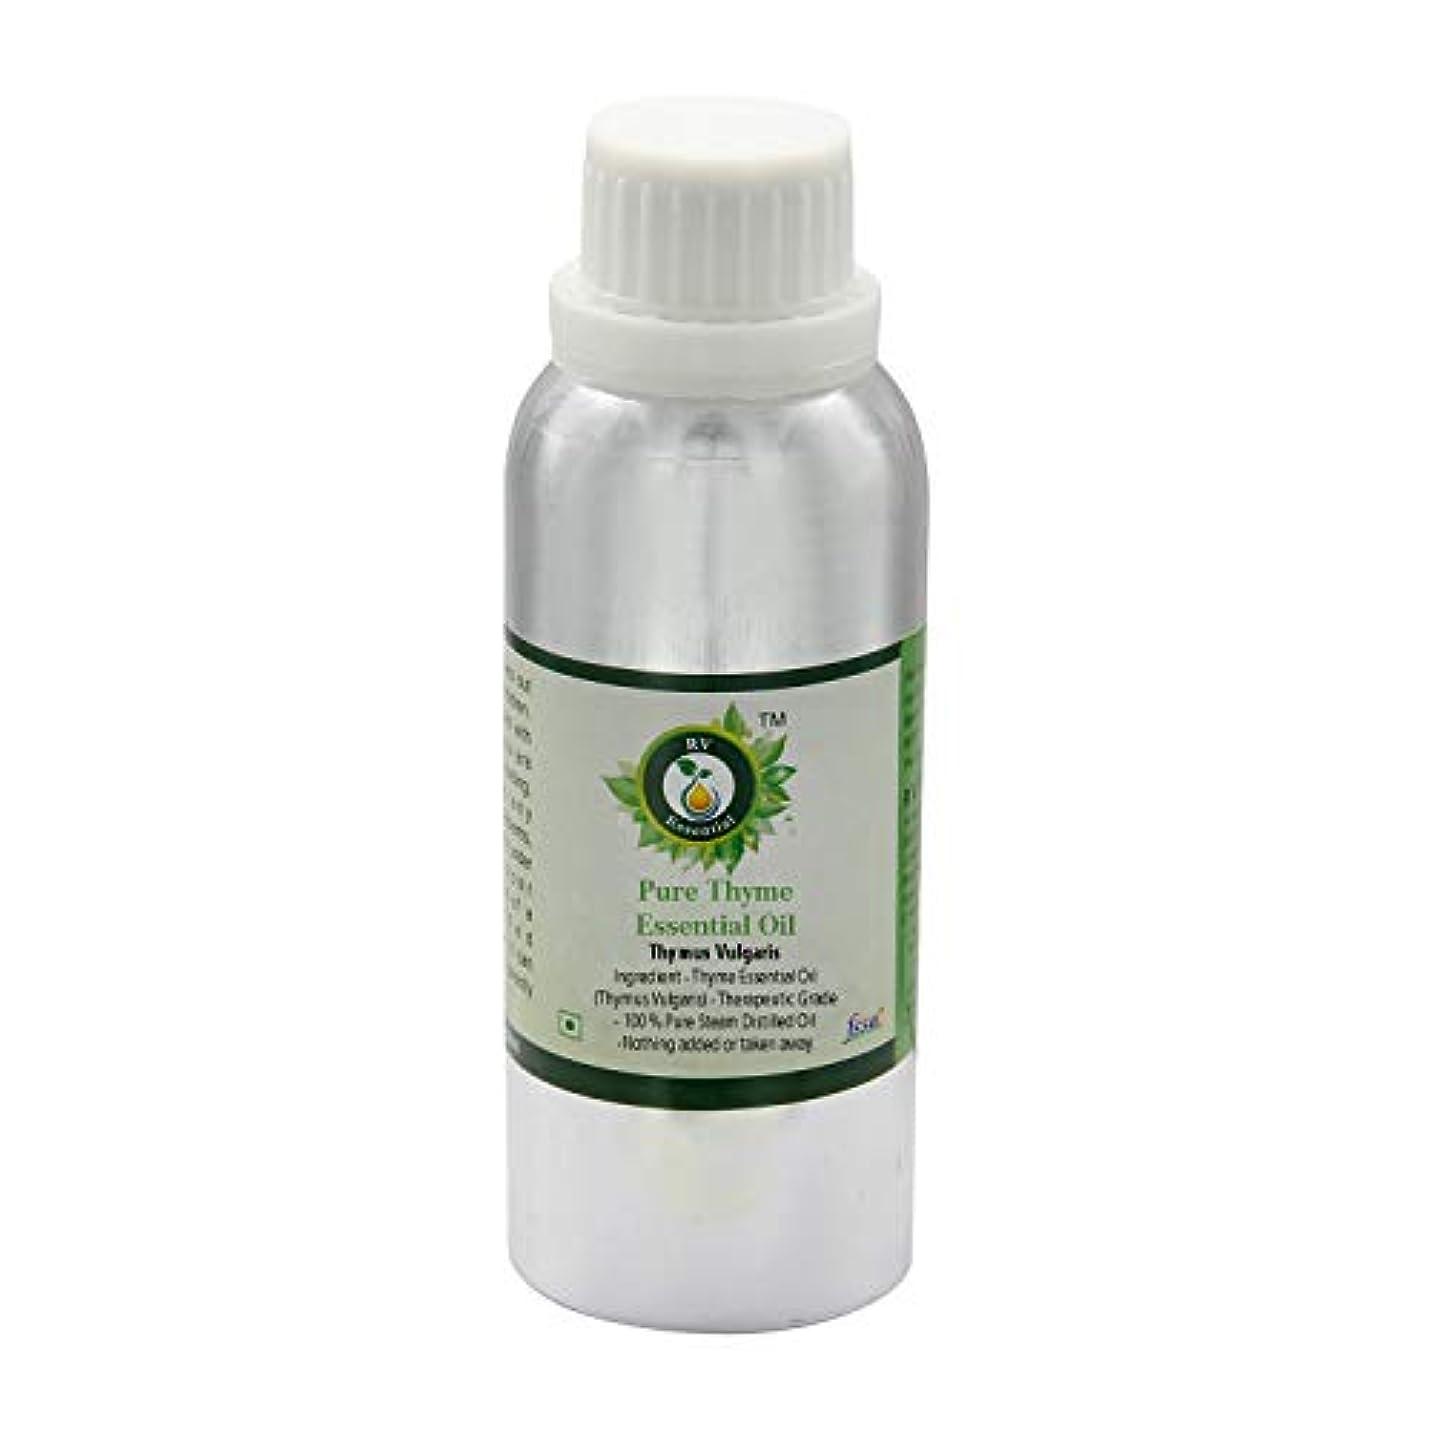 胴体恵みリブR V Essential ピュアThymeエッセンシャルオイル300ml (10oz)- Thymus Vulgaris (100%純粋&天然スチームDistilled) Pure Thyme Essential Oil